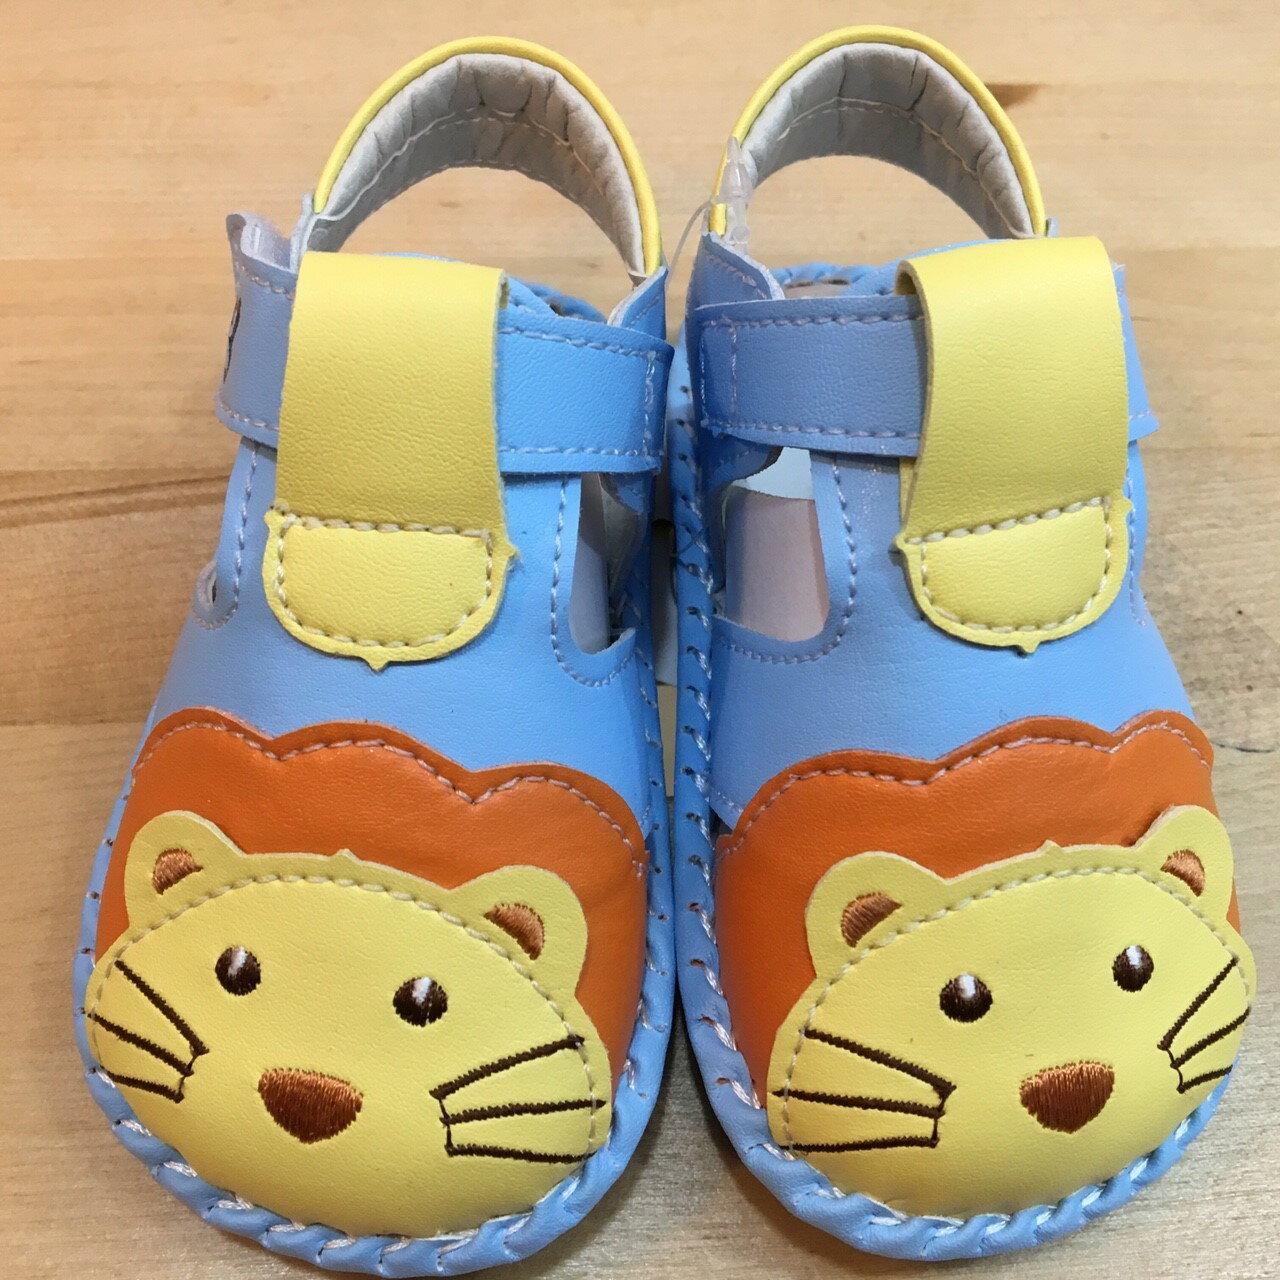 【禾宜精品】五折學步鞋 小獅王 真皮鞋墊 天鵝童鞋 恰恰兔 涼鞋 手工鞋 寶寶 台灣製造 童鞋